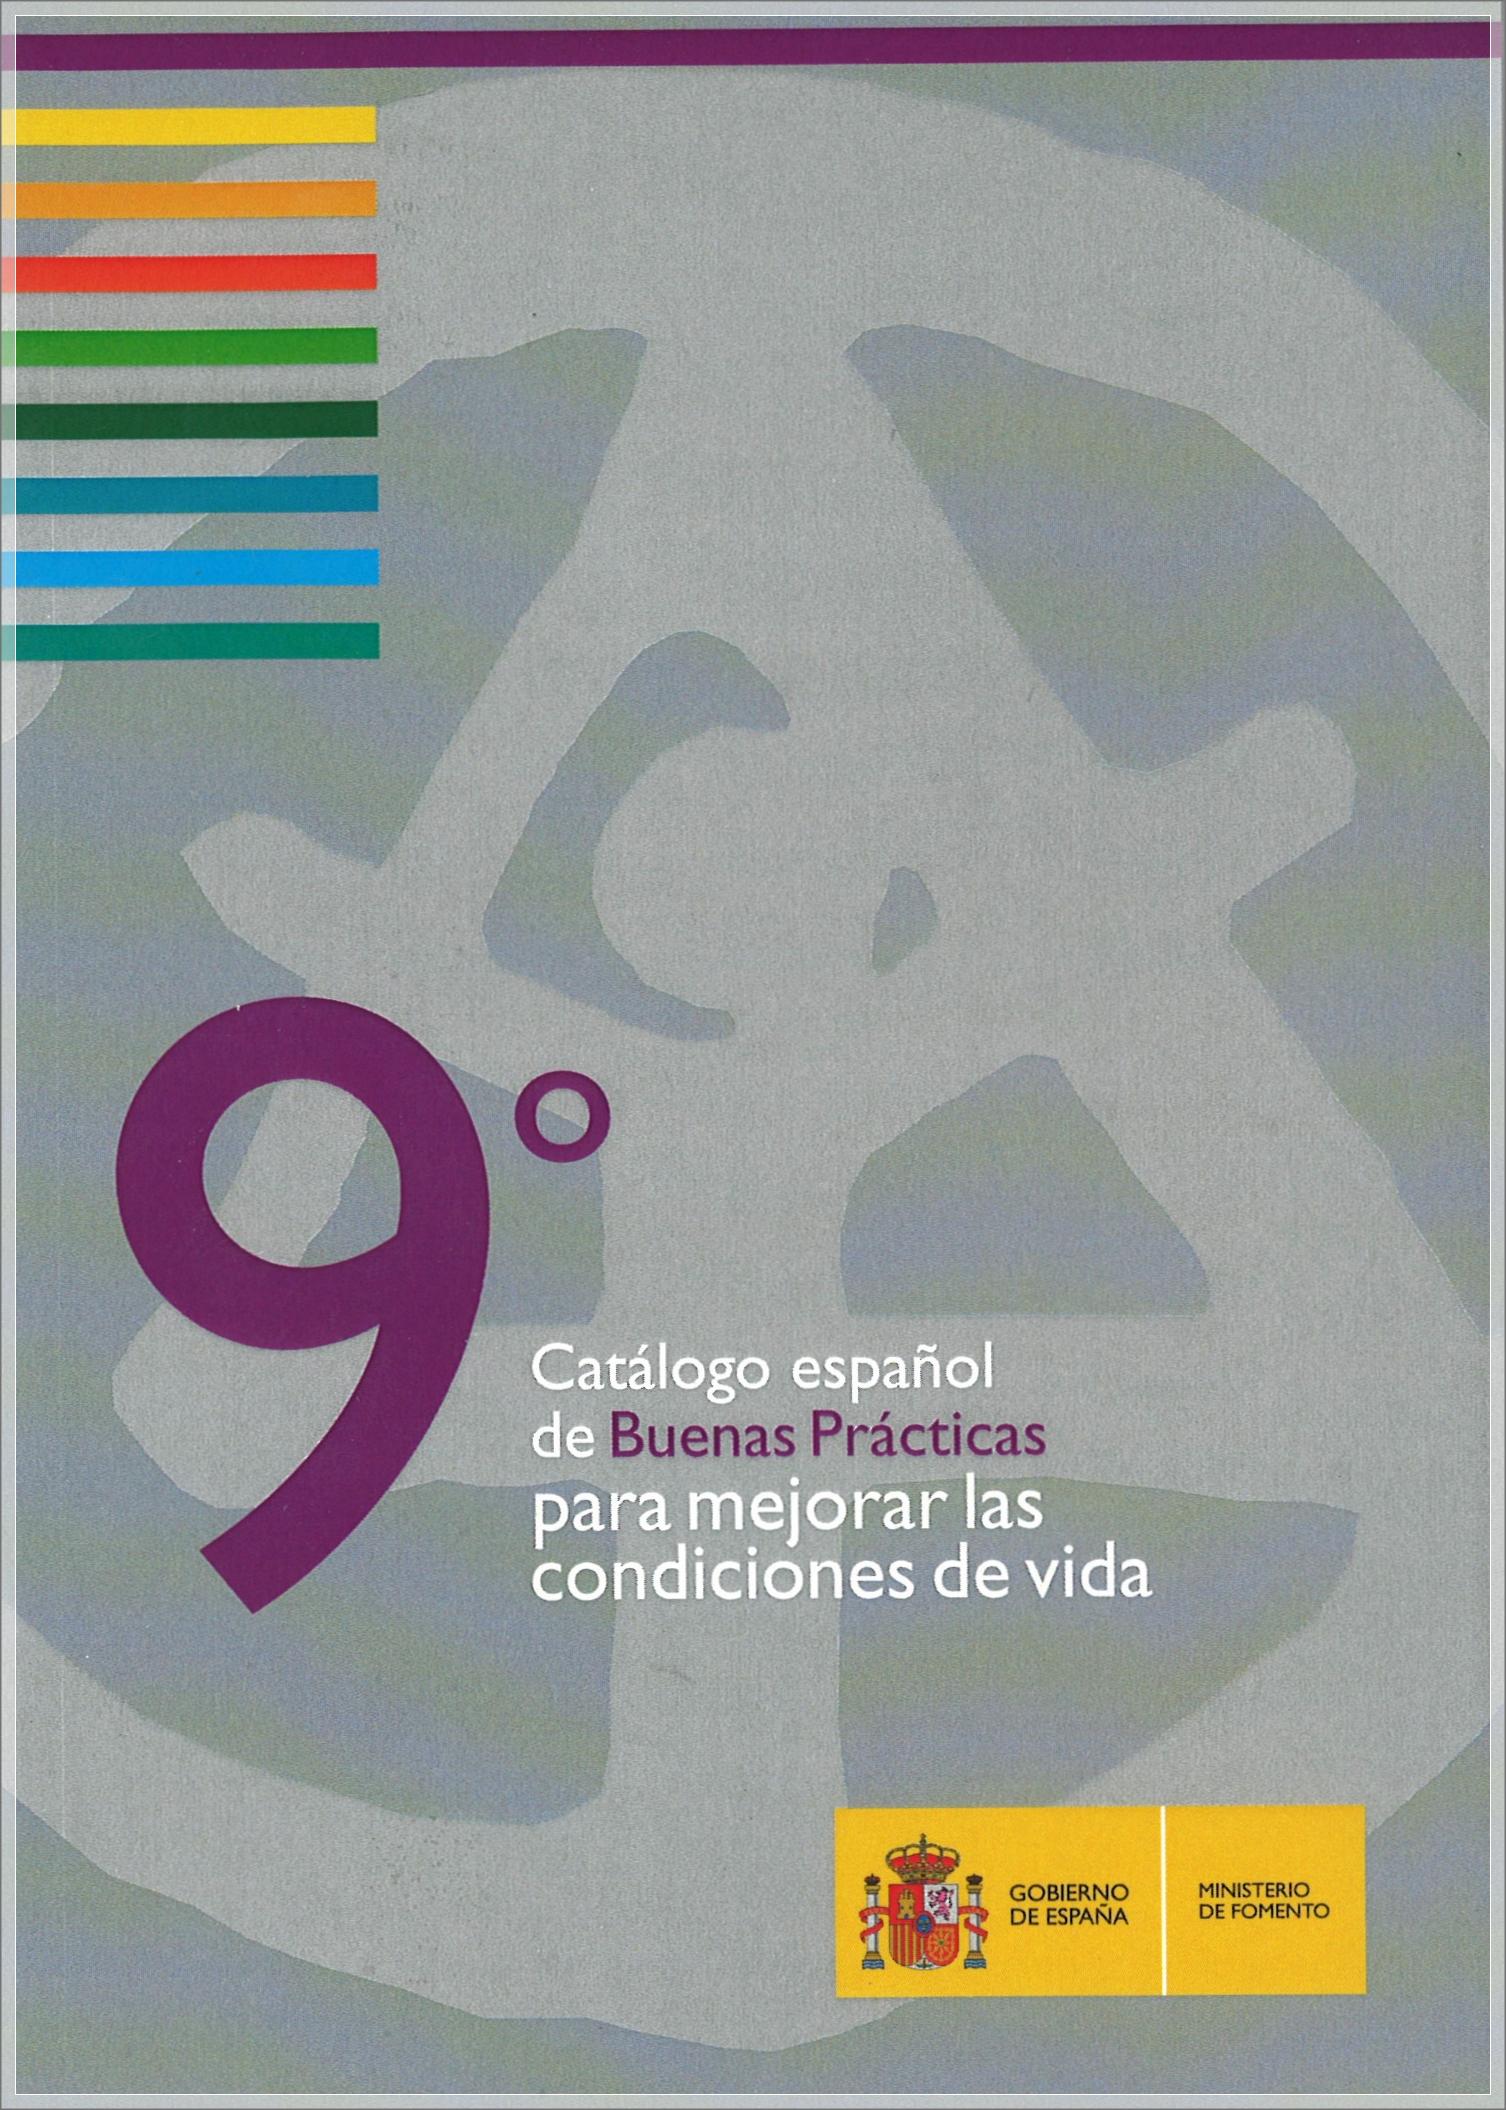 Cubierta de 9º Concurso de Naciones Unidas sobre Buenas Prácticas para Mejorar las Condiciones de Vida: Dubai 2012